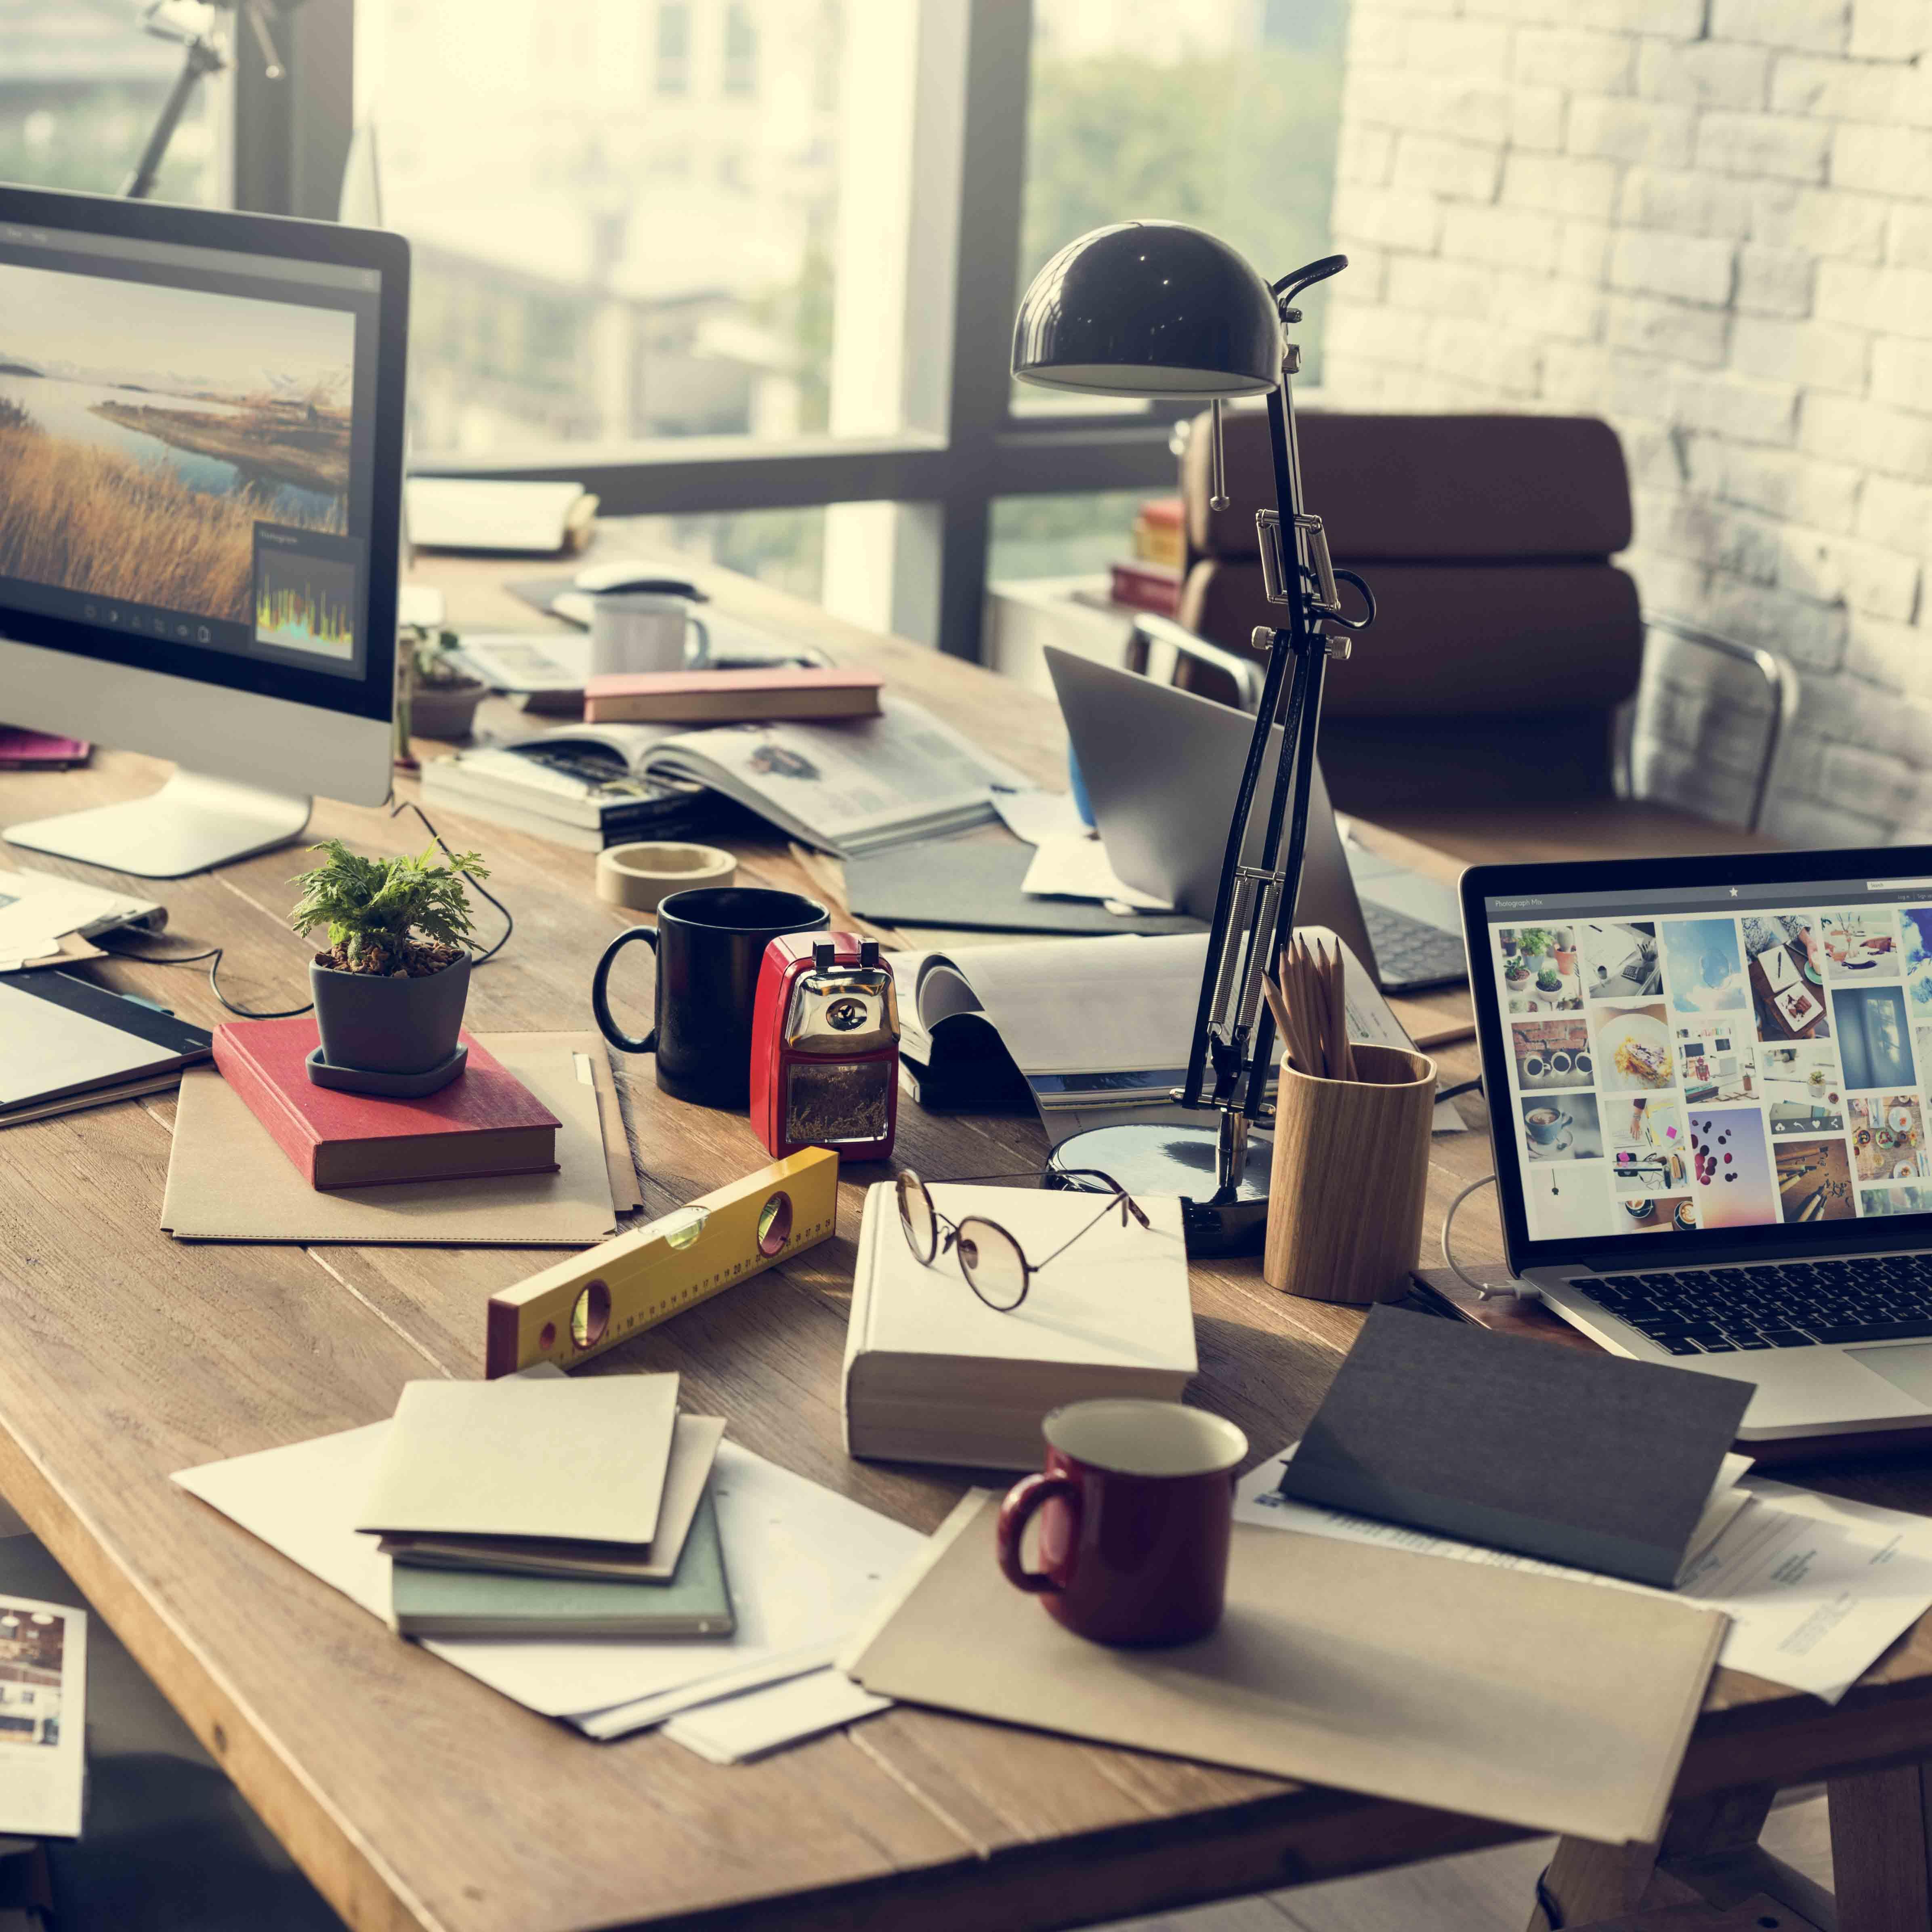 Während Die Technologische Entwicklung Ständig Voranschreitet, Wird Auch  Das Homeoffice Ständig Beliebter. Auch Weil Ein Angestellter, Der Von  Zuhause Oder ...